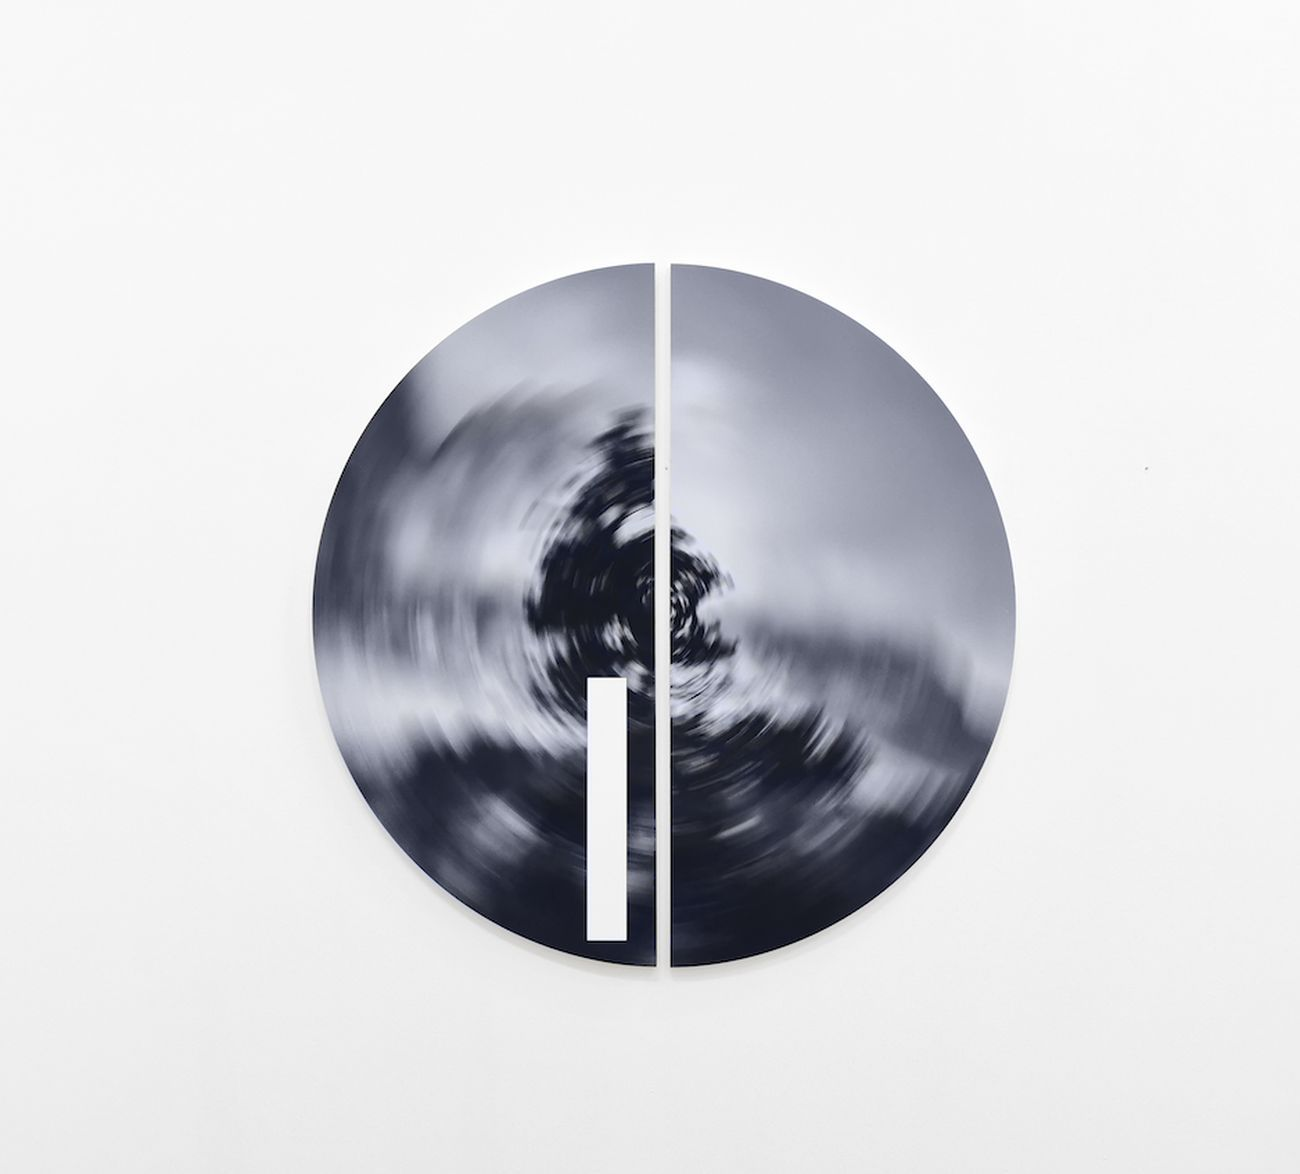 Marco Rossetti, Fare il deserto, 2020, stampa su carta e forex, 100x100 cm